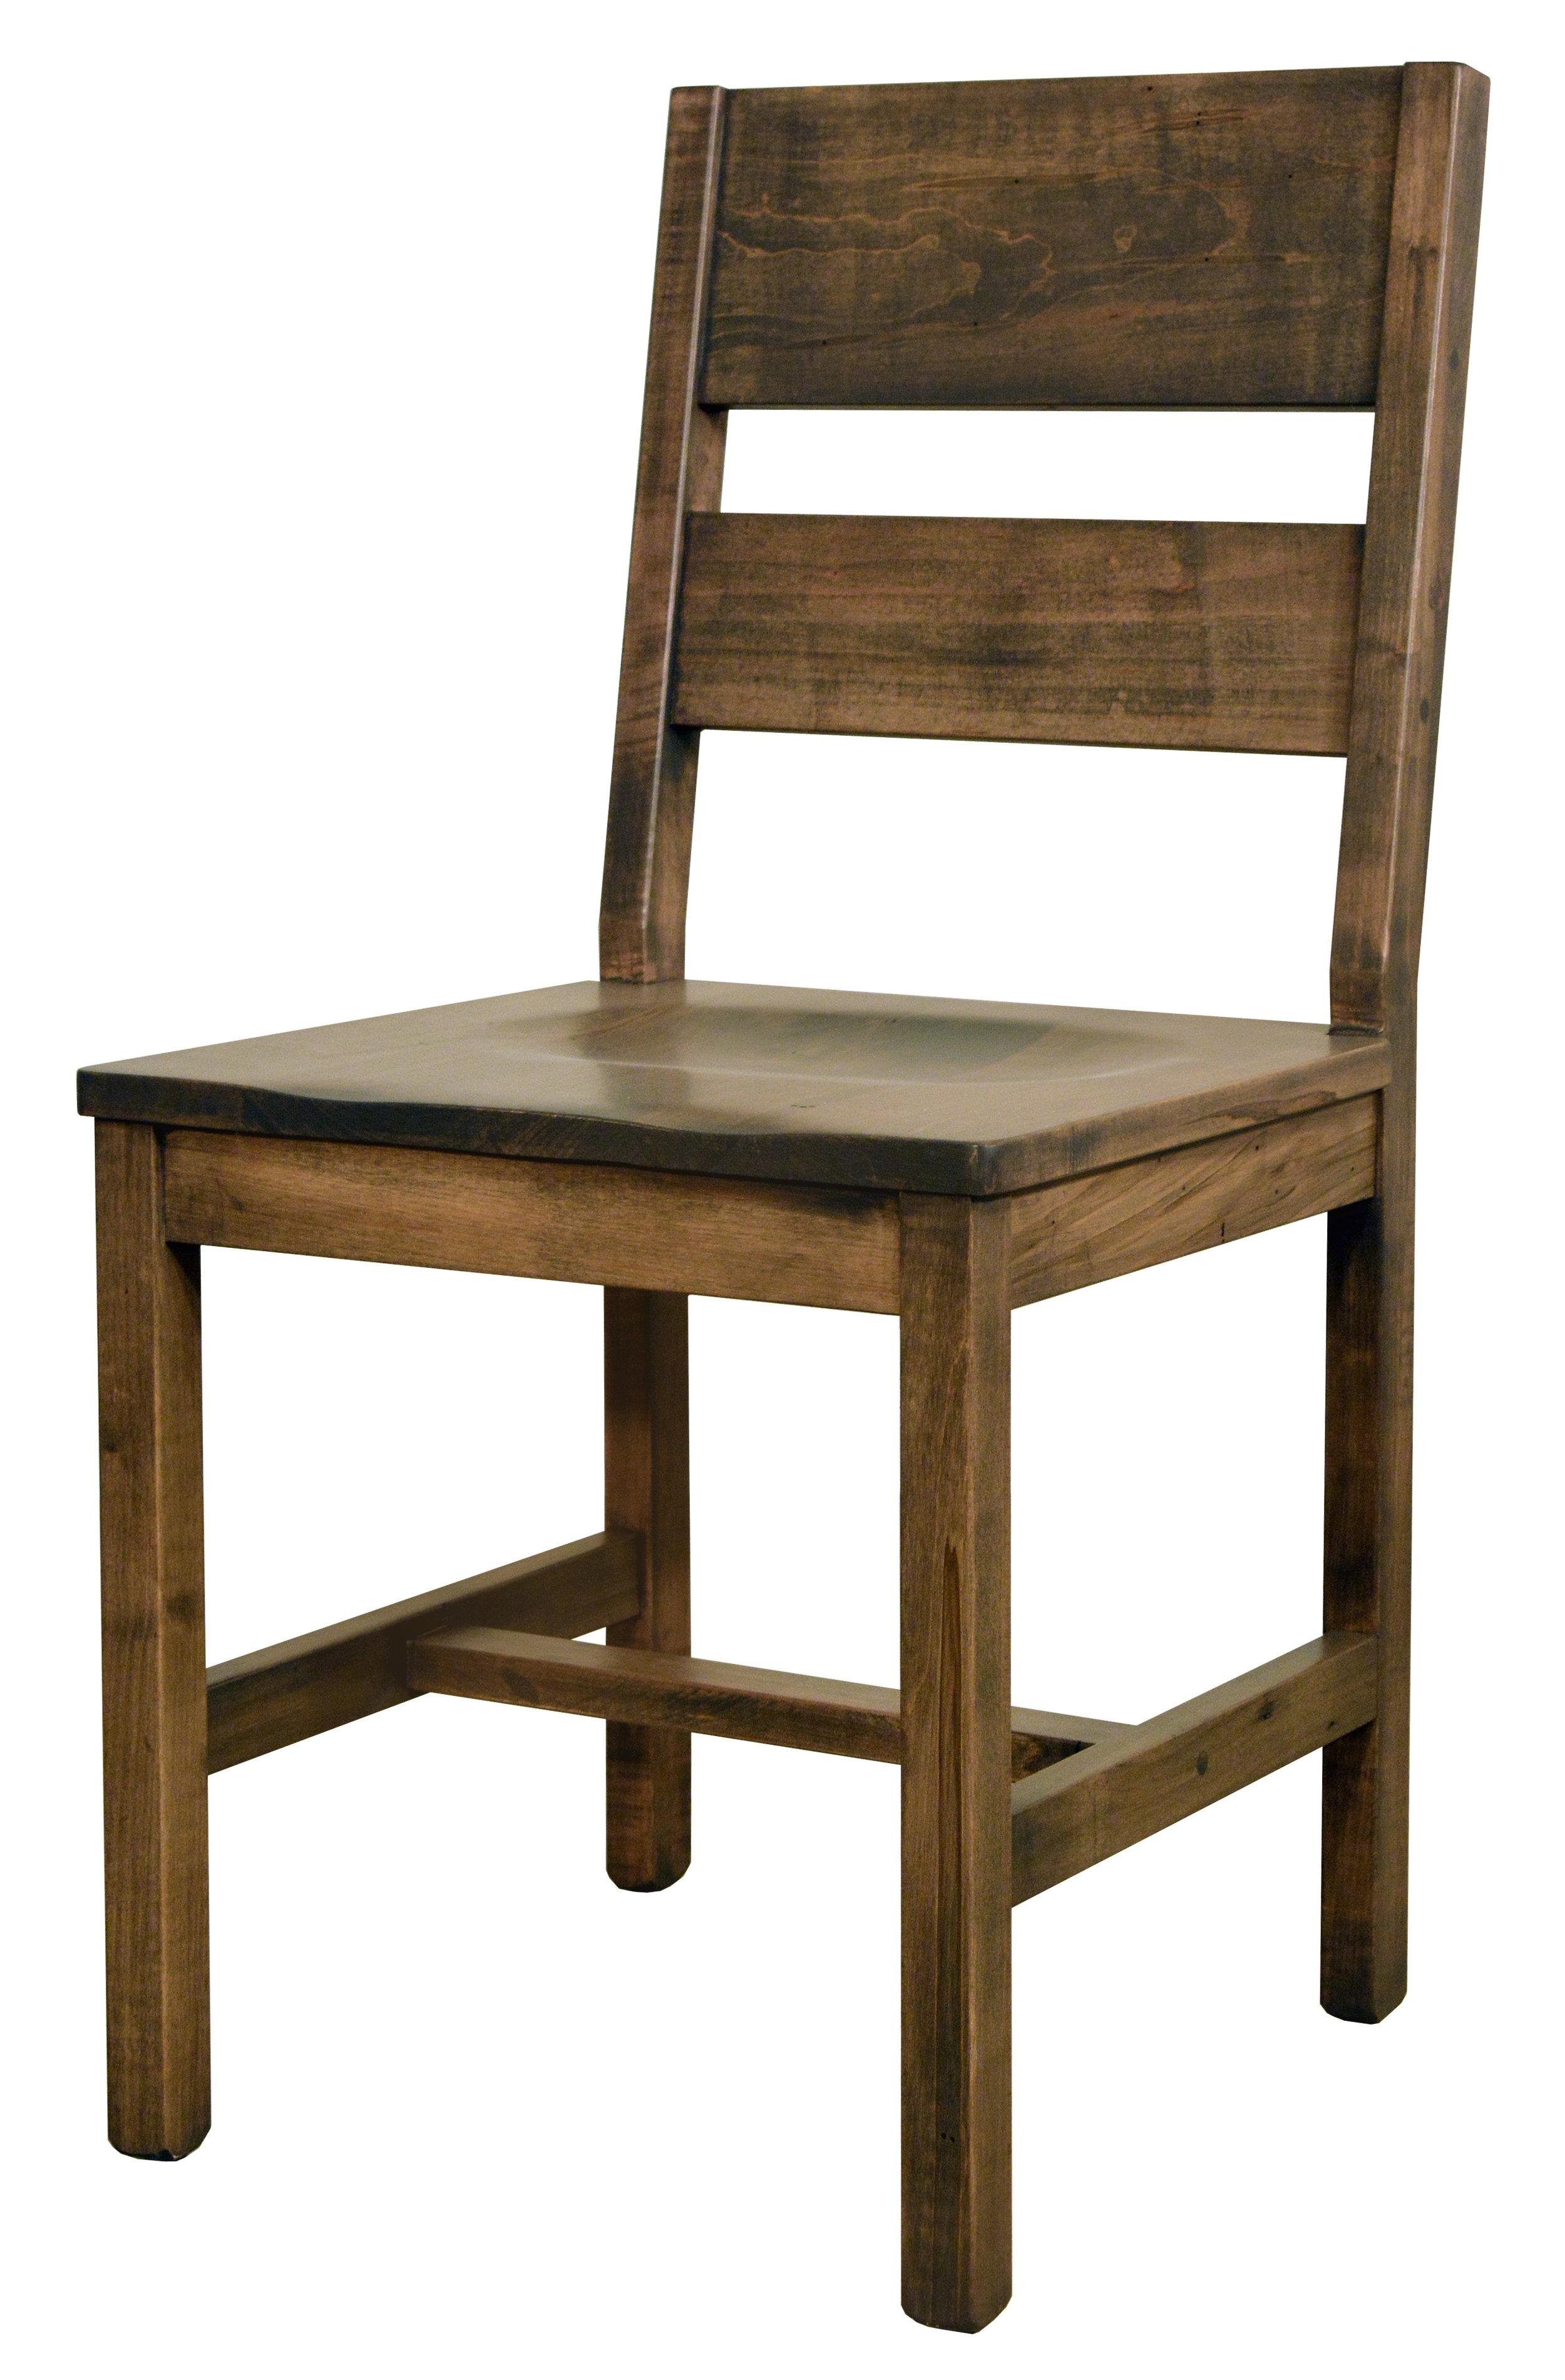 L2 chair